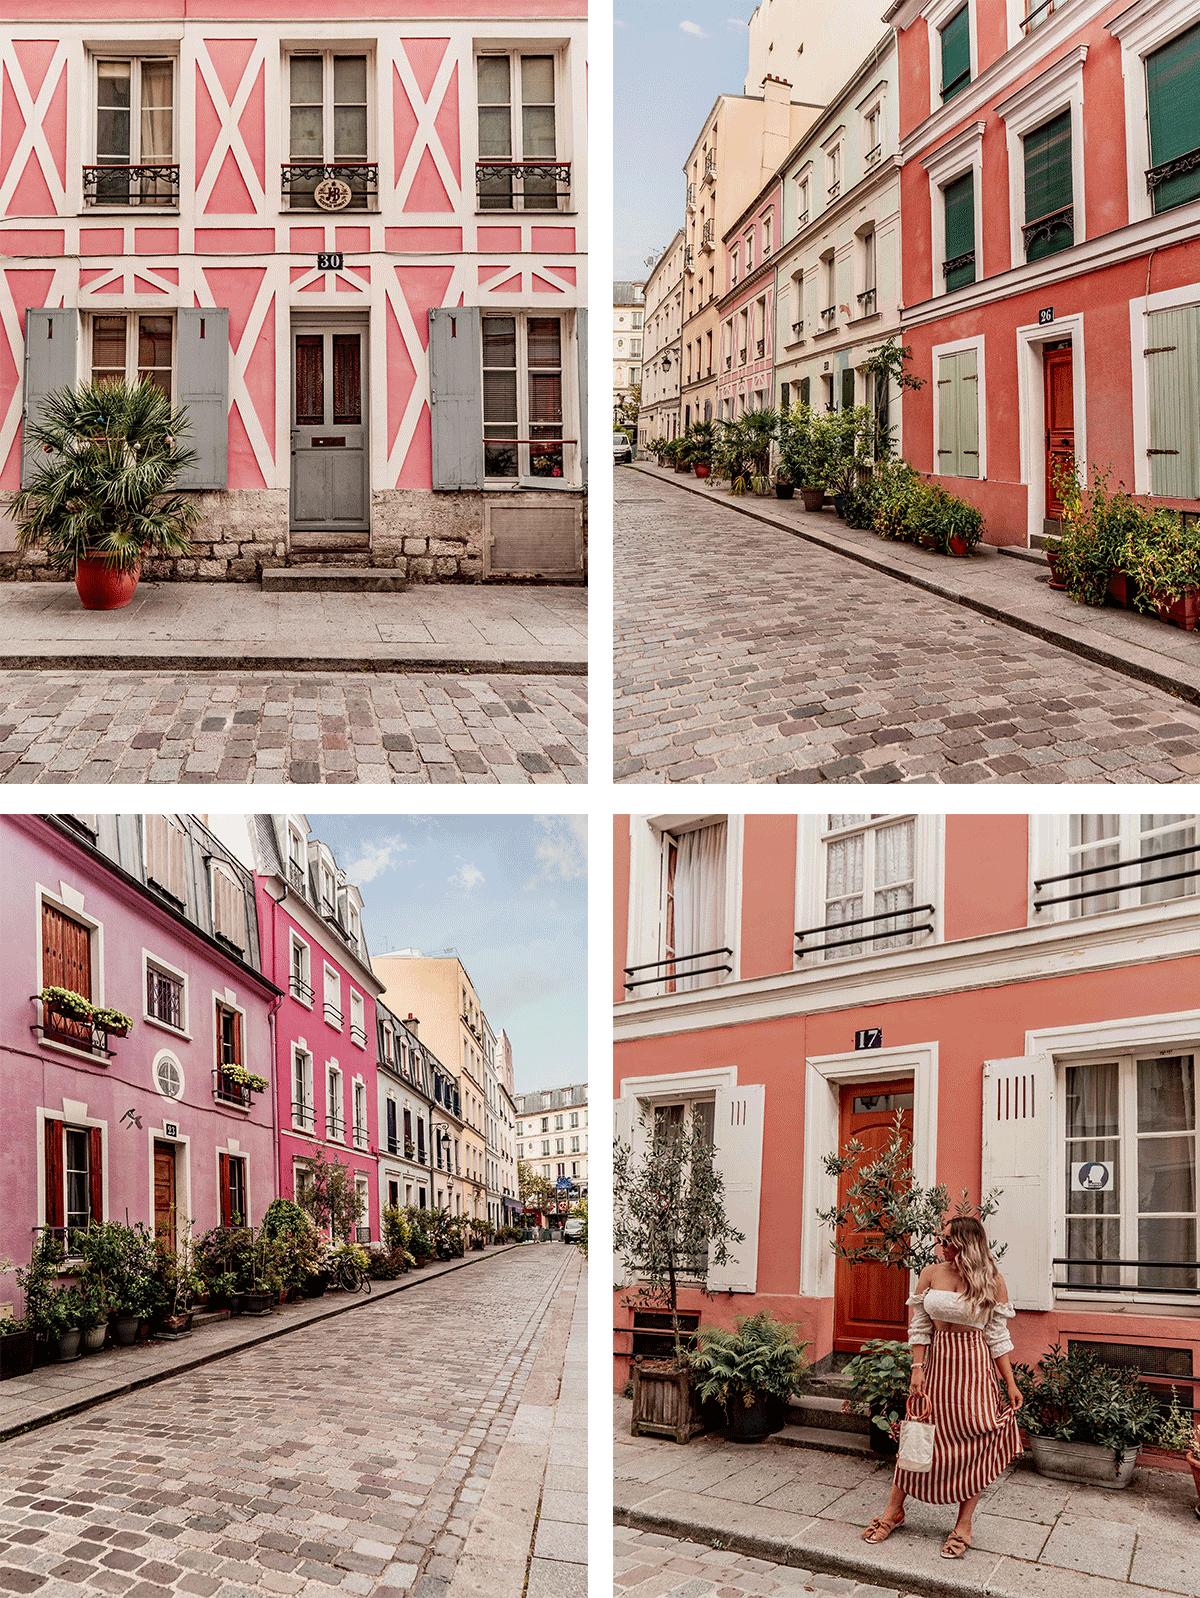 20-Best-Paris-Photography-Locations-Instagram-Spots-Pink-Mamma-@kelseyinlondon-Kelsey-Heinrichs--rue-crémieux